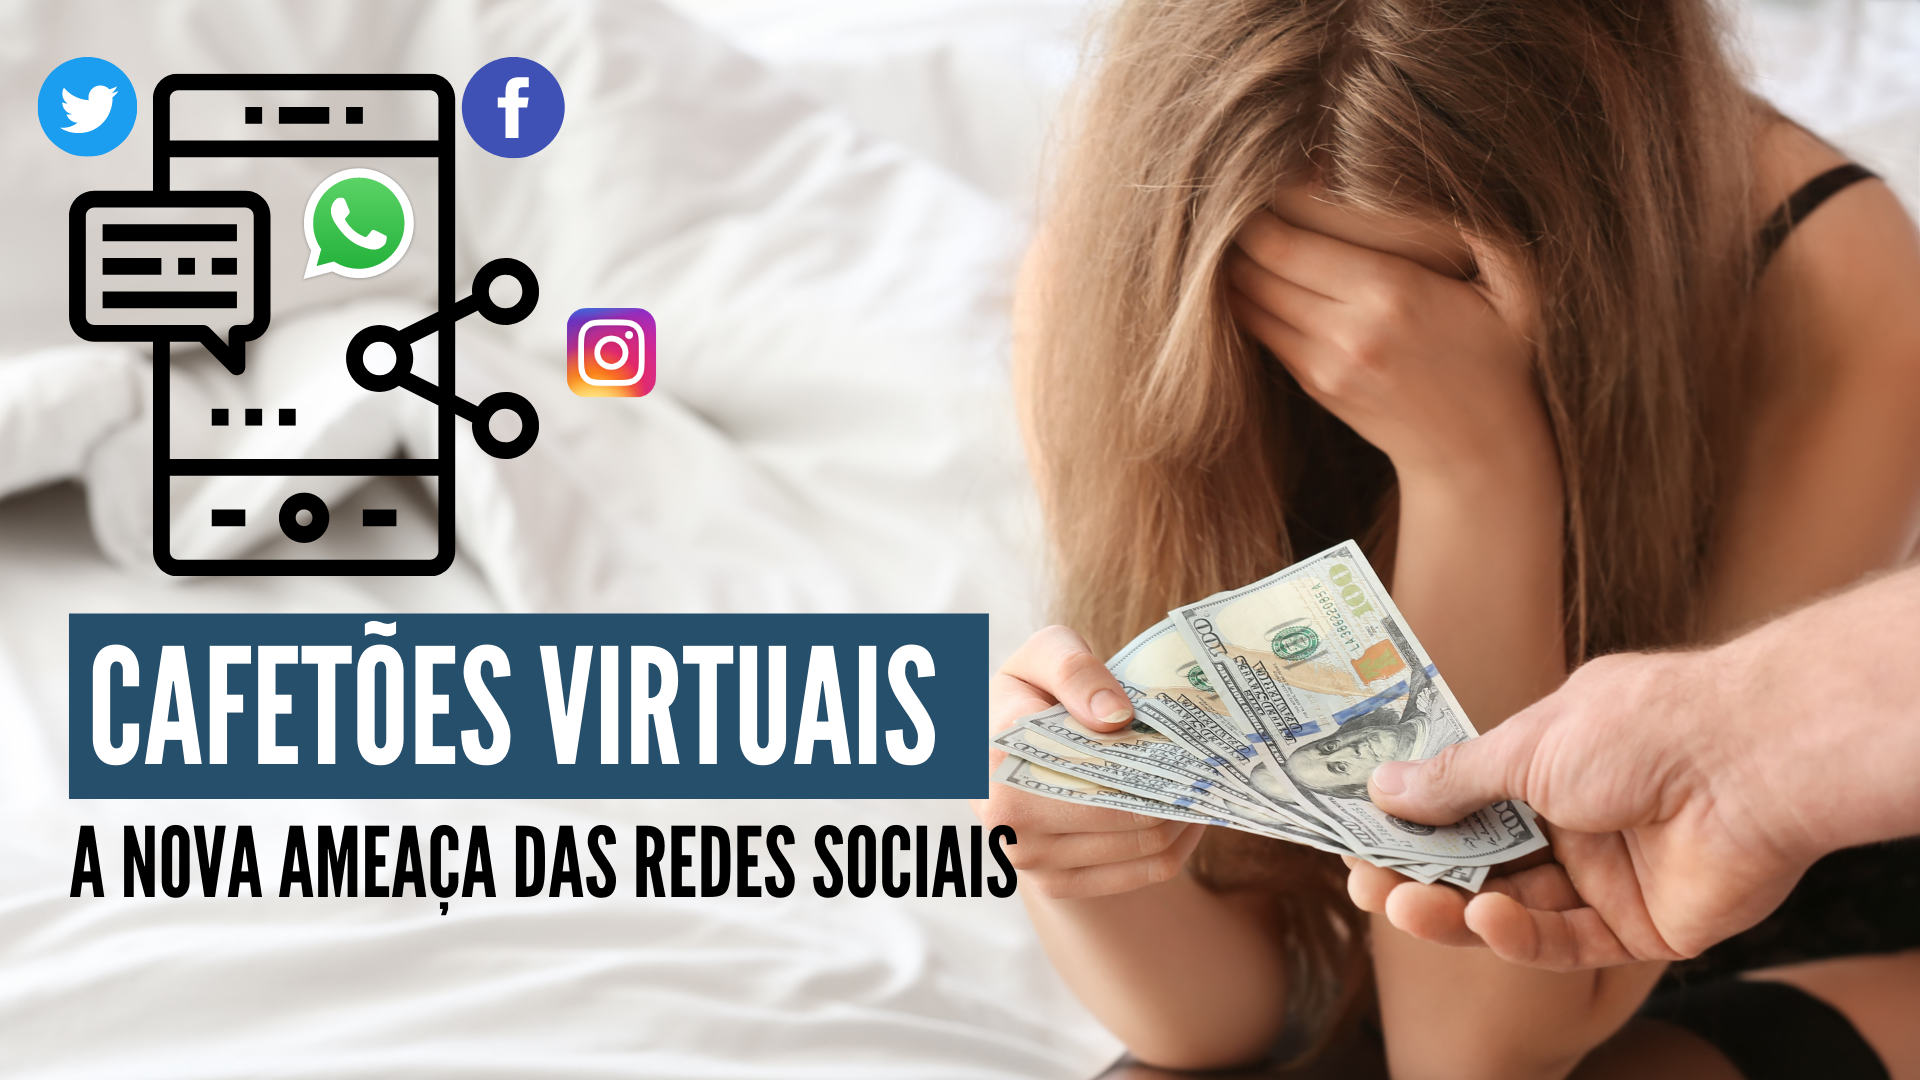 Cafetões virtuais: A nova ameaça das redes sociais